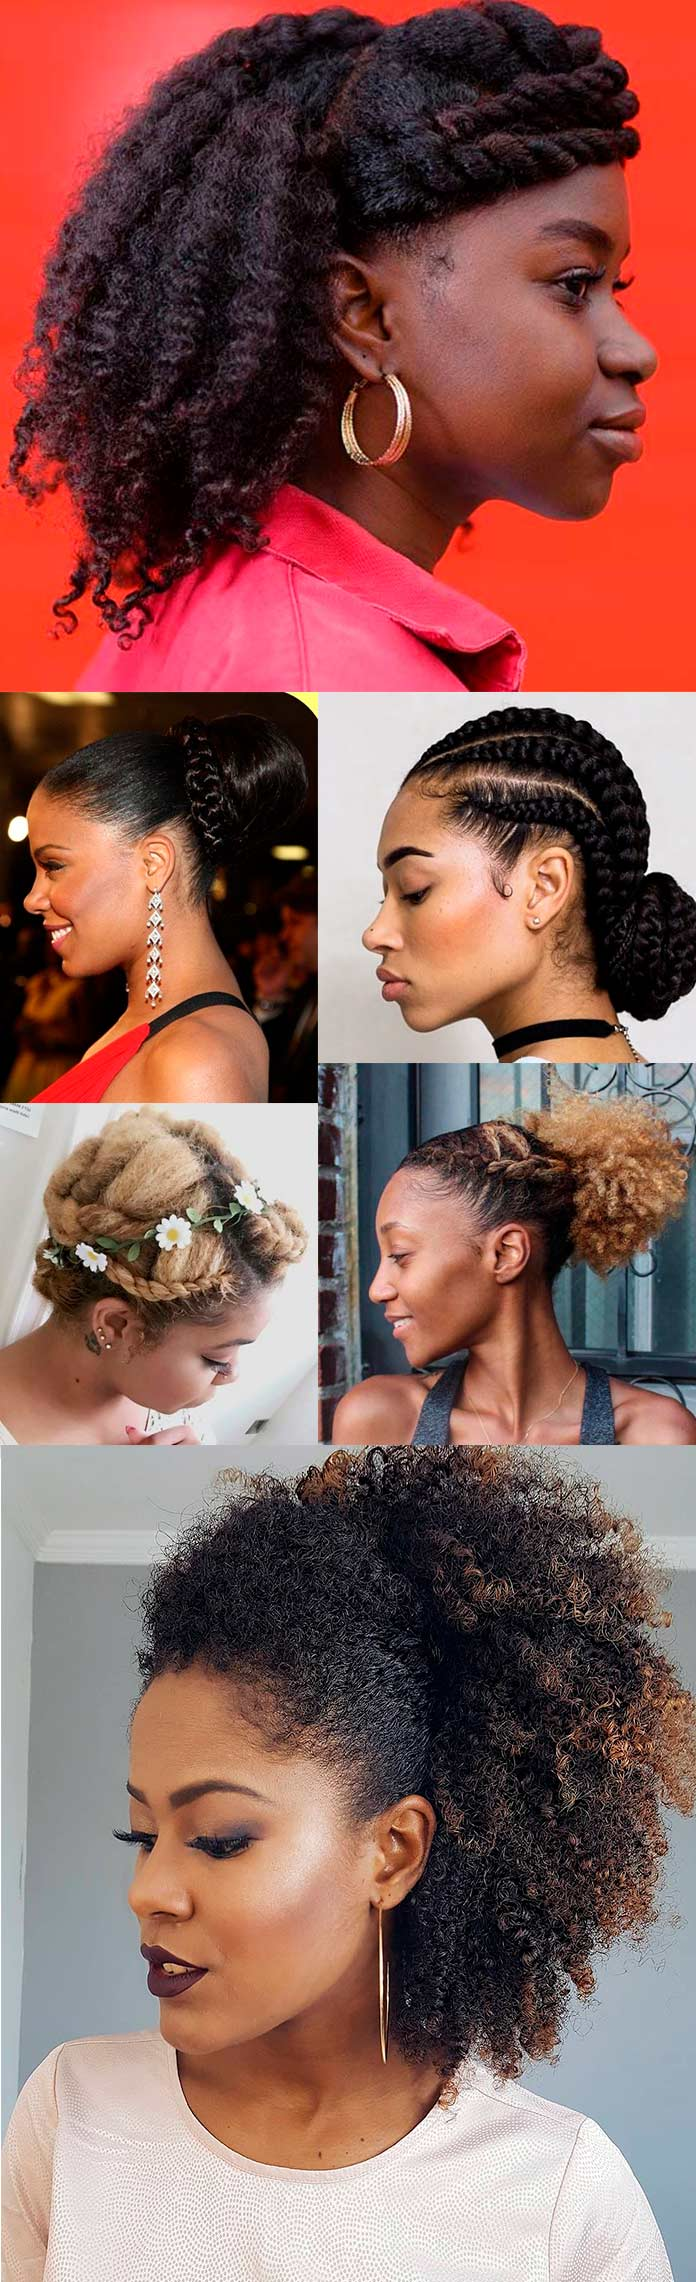 Inspirações de Penteados para Debutantes de Cabelo Crespo